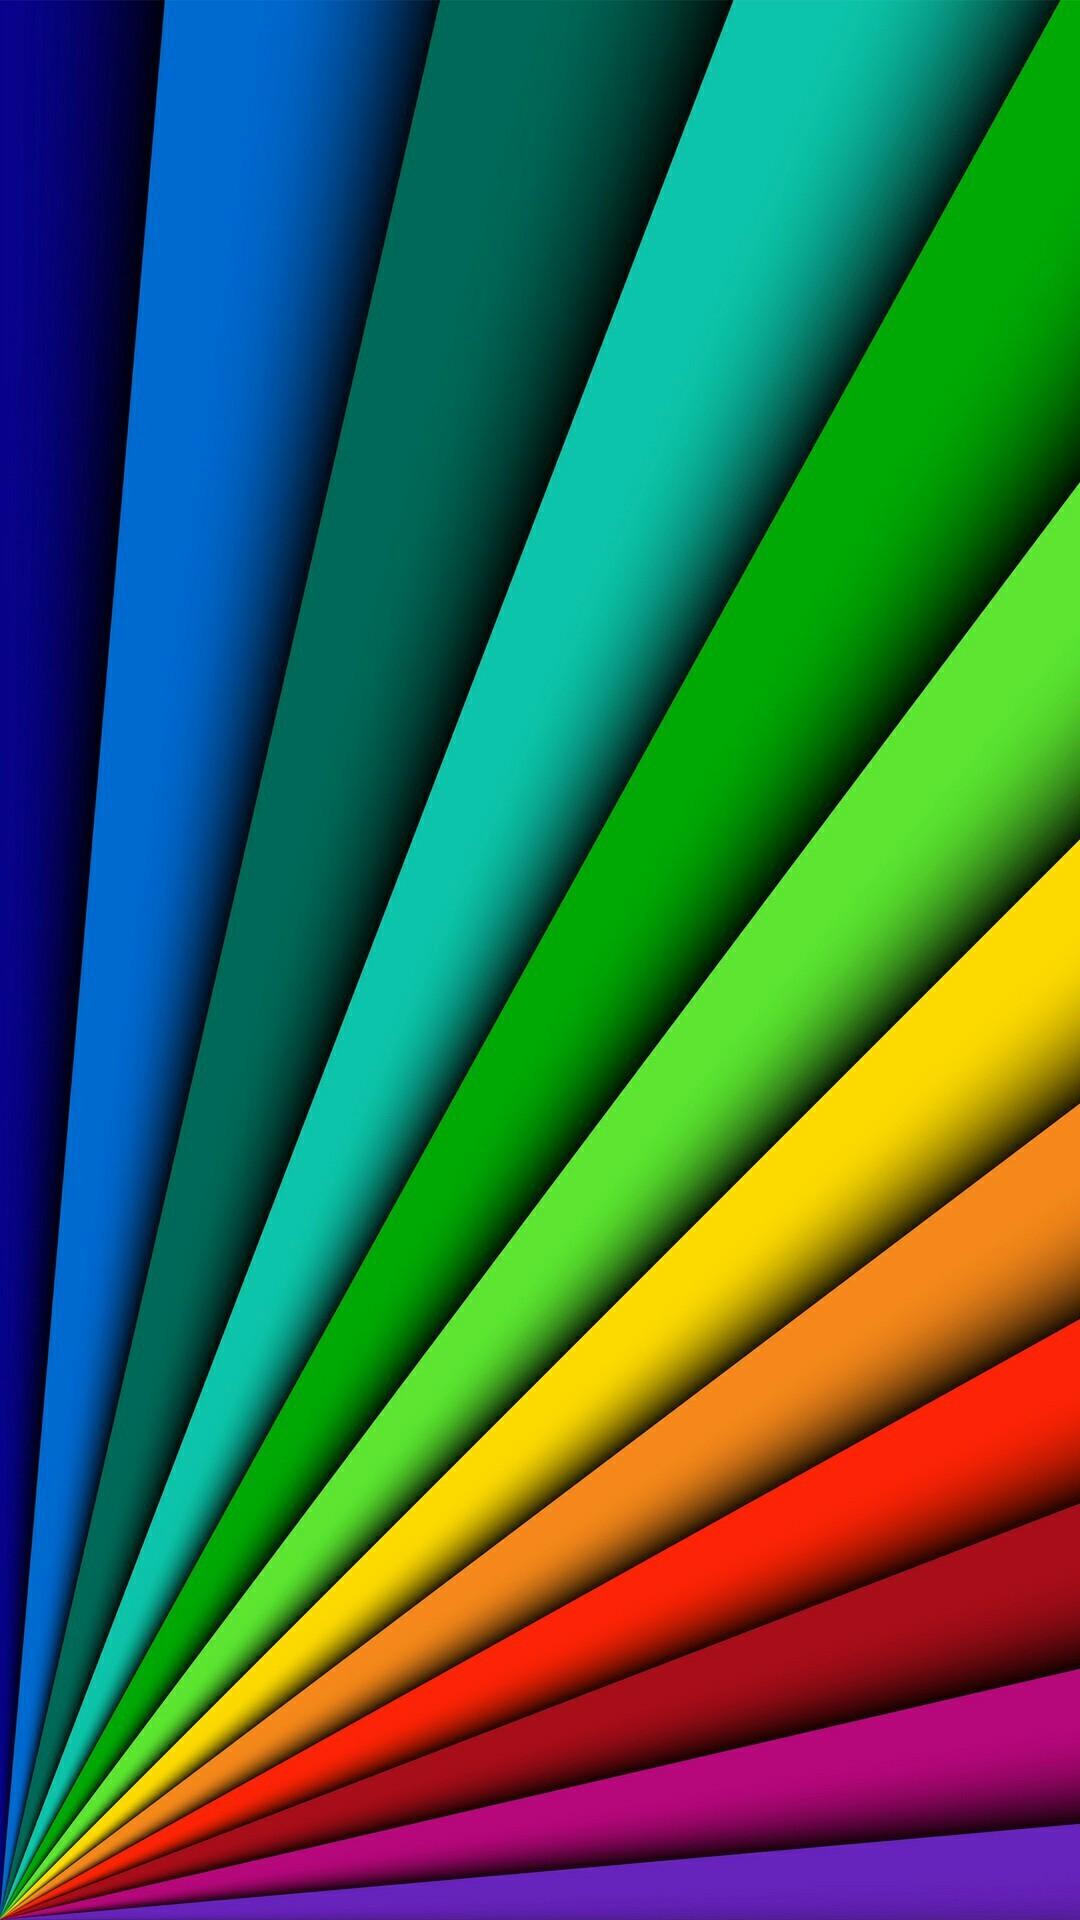 1920x1080 Rainbow 10 Hd Desktop Wallpaper Widescreen High Definition